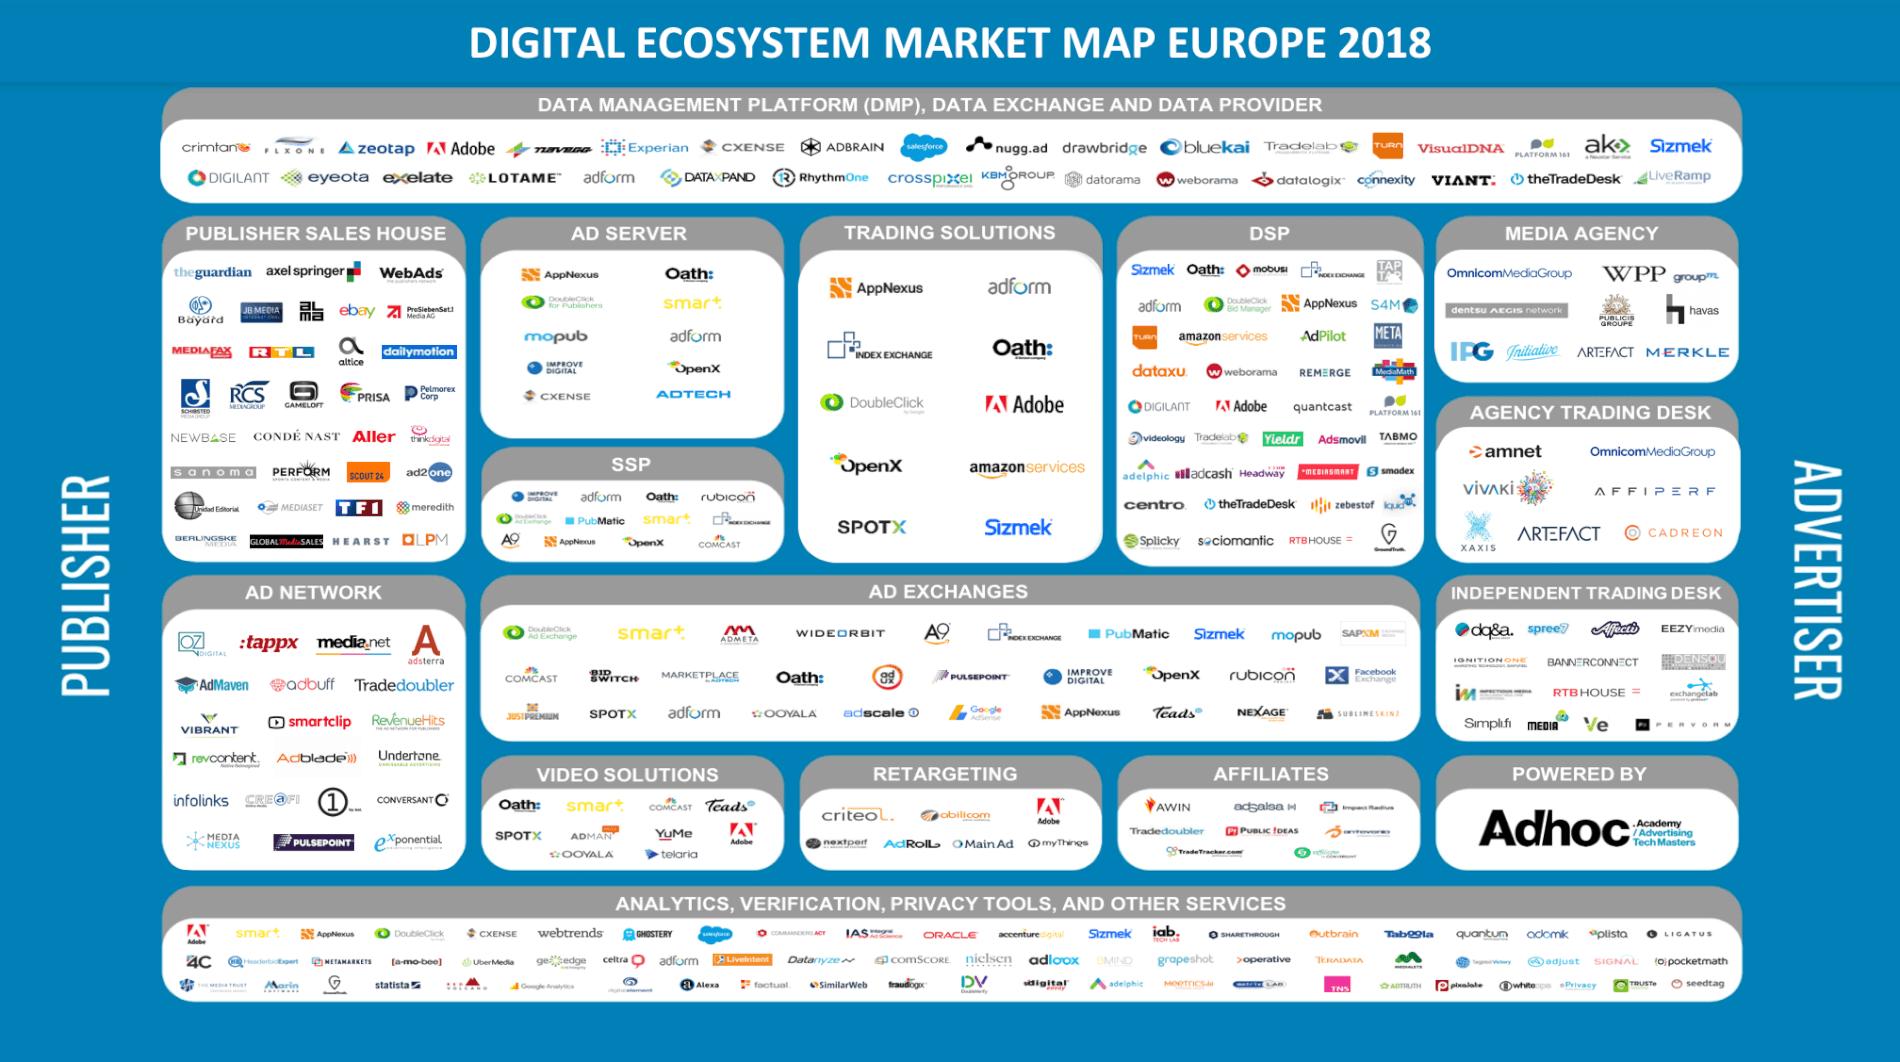 Adhoc_Academy_market_map_2018_EUROPE